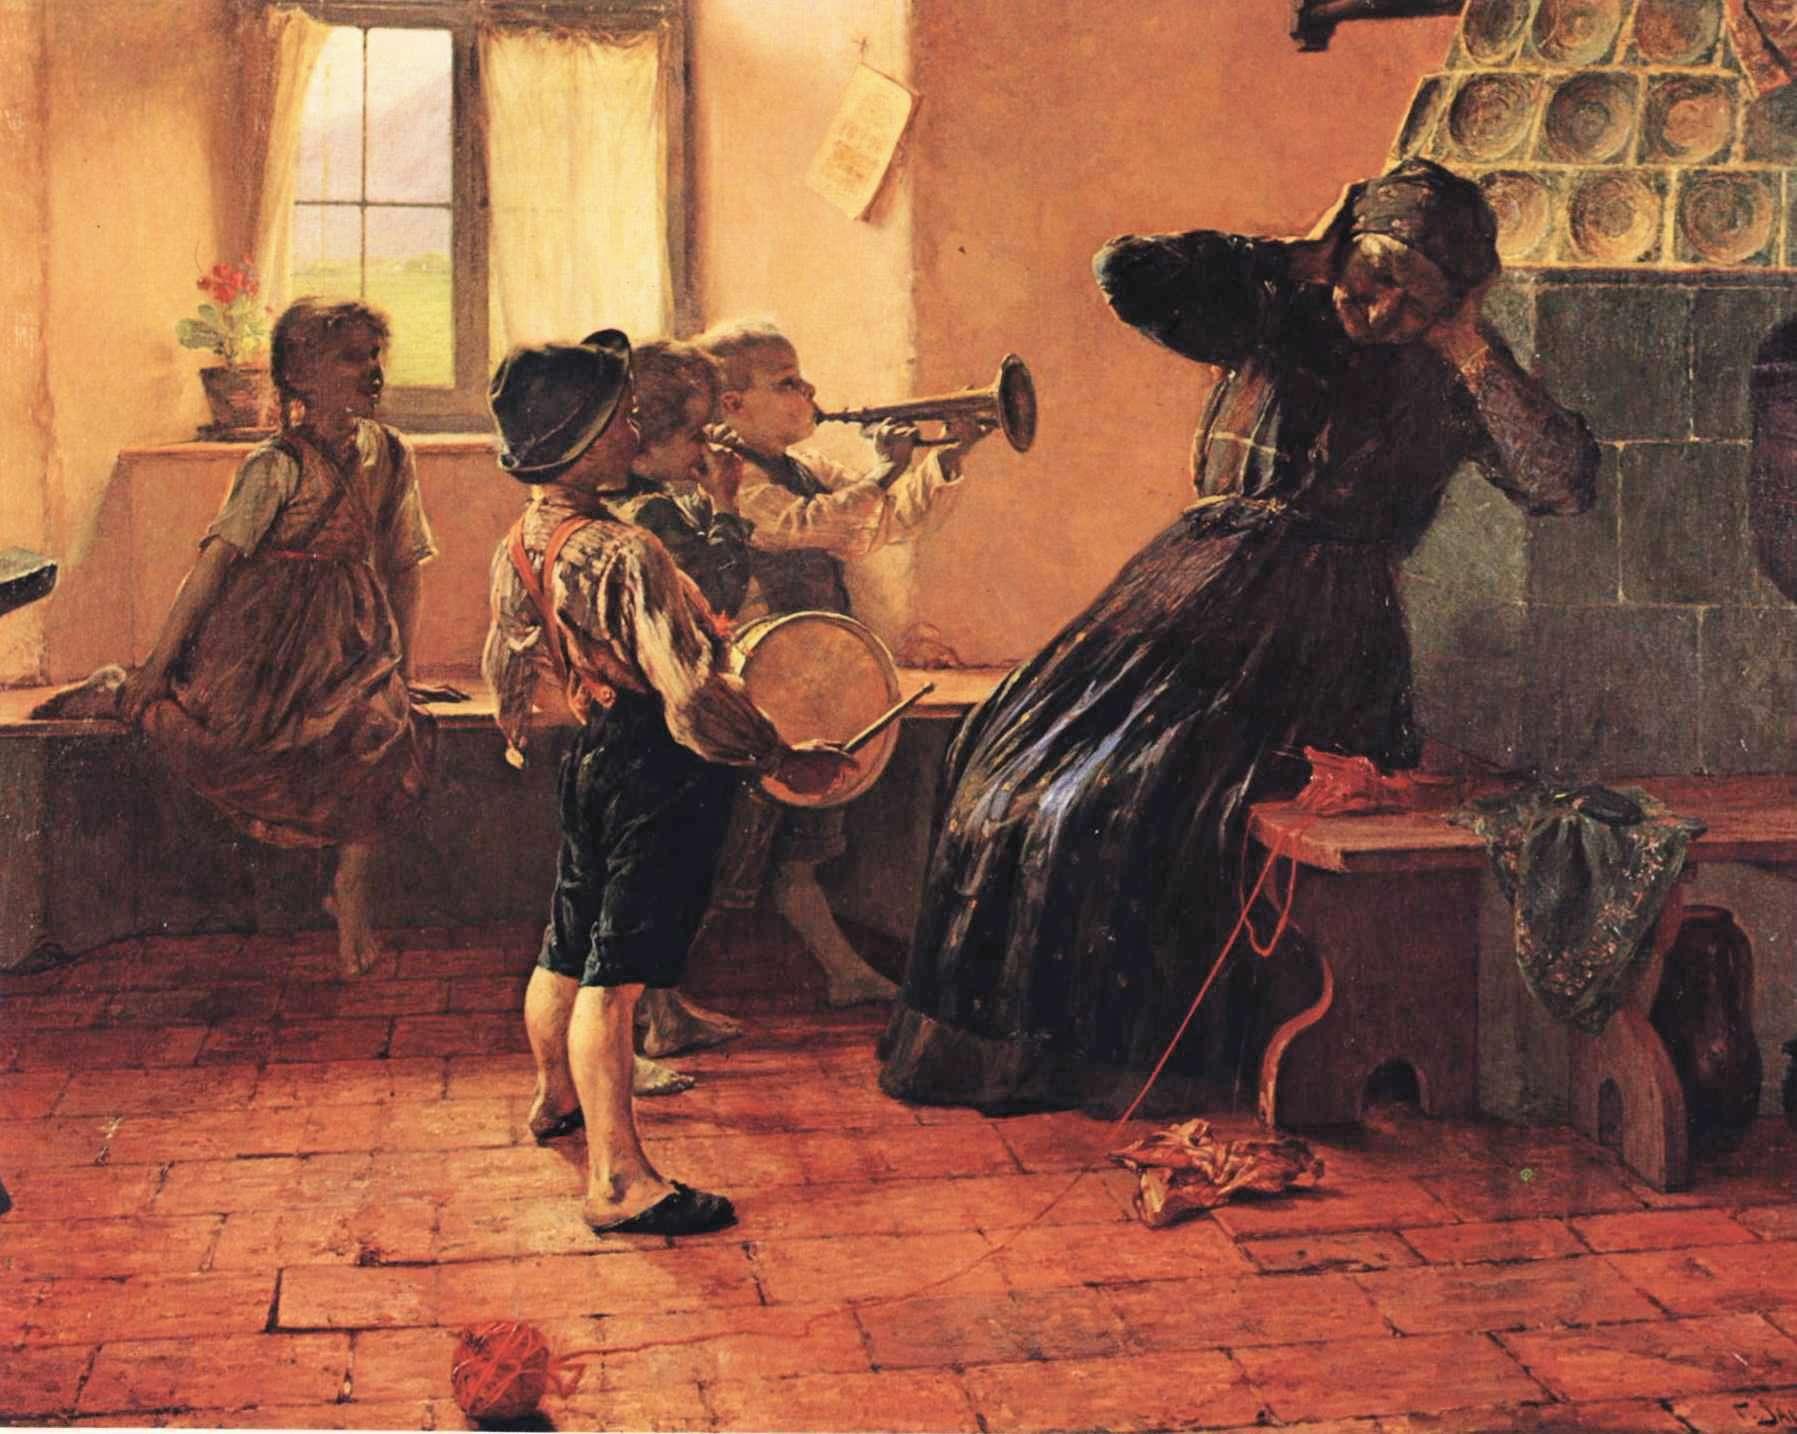 Γεώργιος Ιακωβίδης. «Παιδική Συναυλία». Αθήνα, Εθνική Πινακοθήκη.